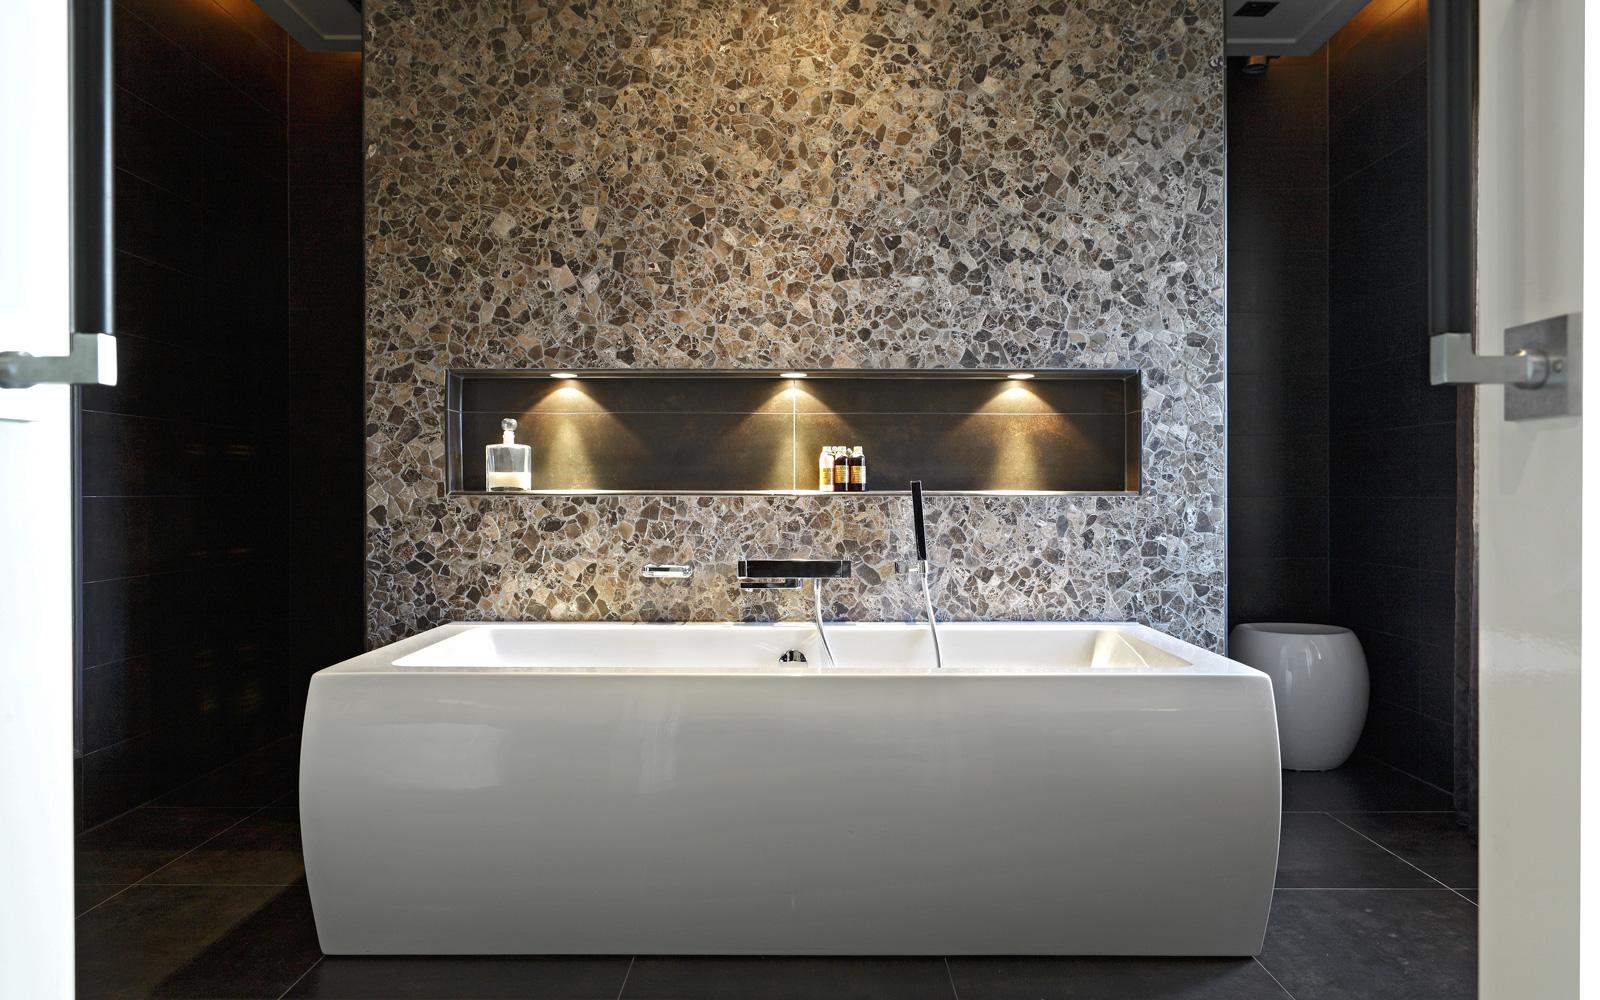 Badkamer, bad, vrijstaand bad, bijzondere muur, tegelwand, natuursteen, Franse villa, Hertroijs Architekten